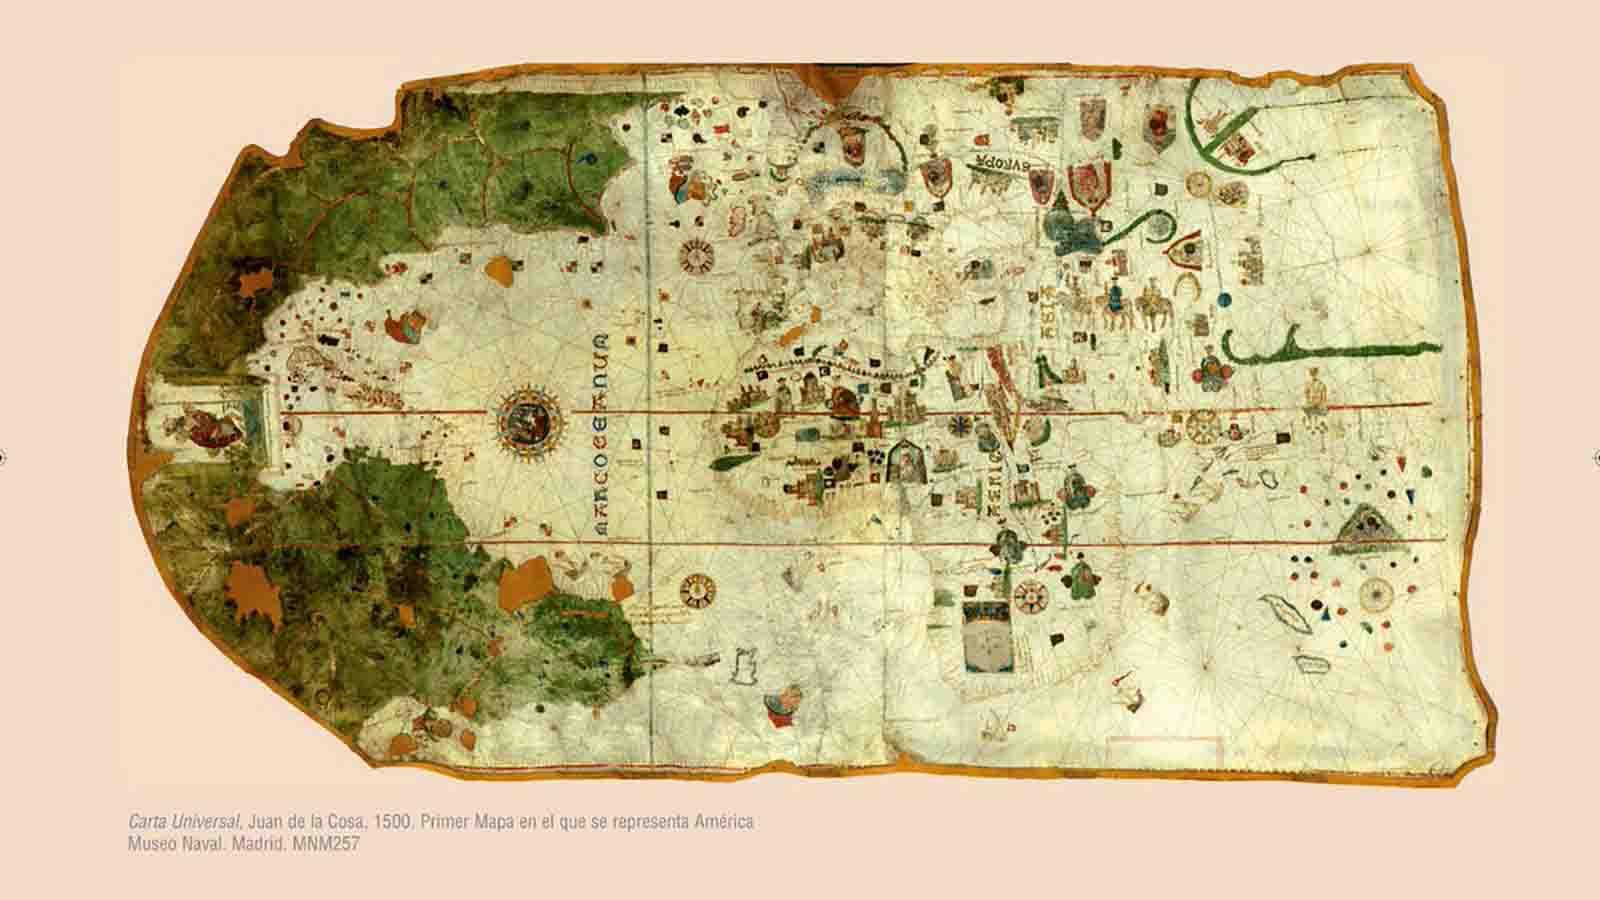 C3 - Colección cartográfica e instrumentación científica